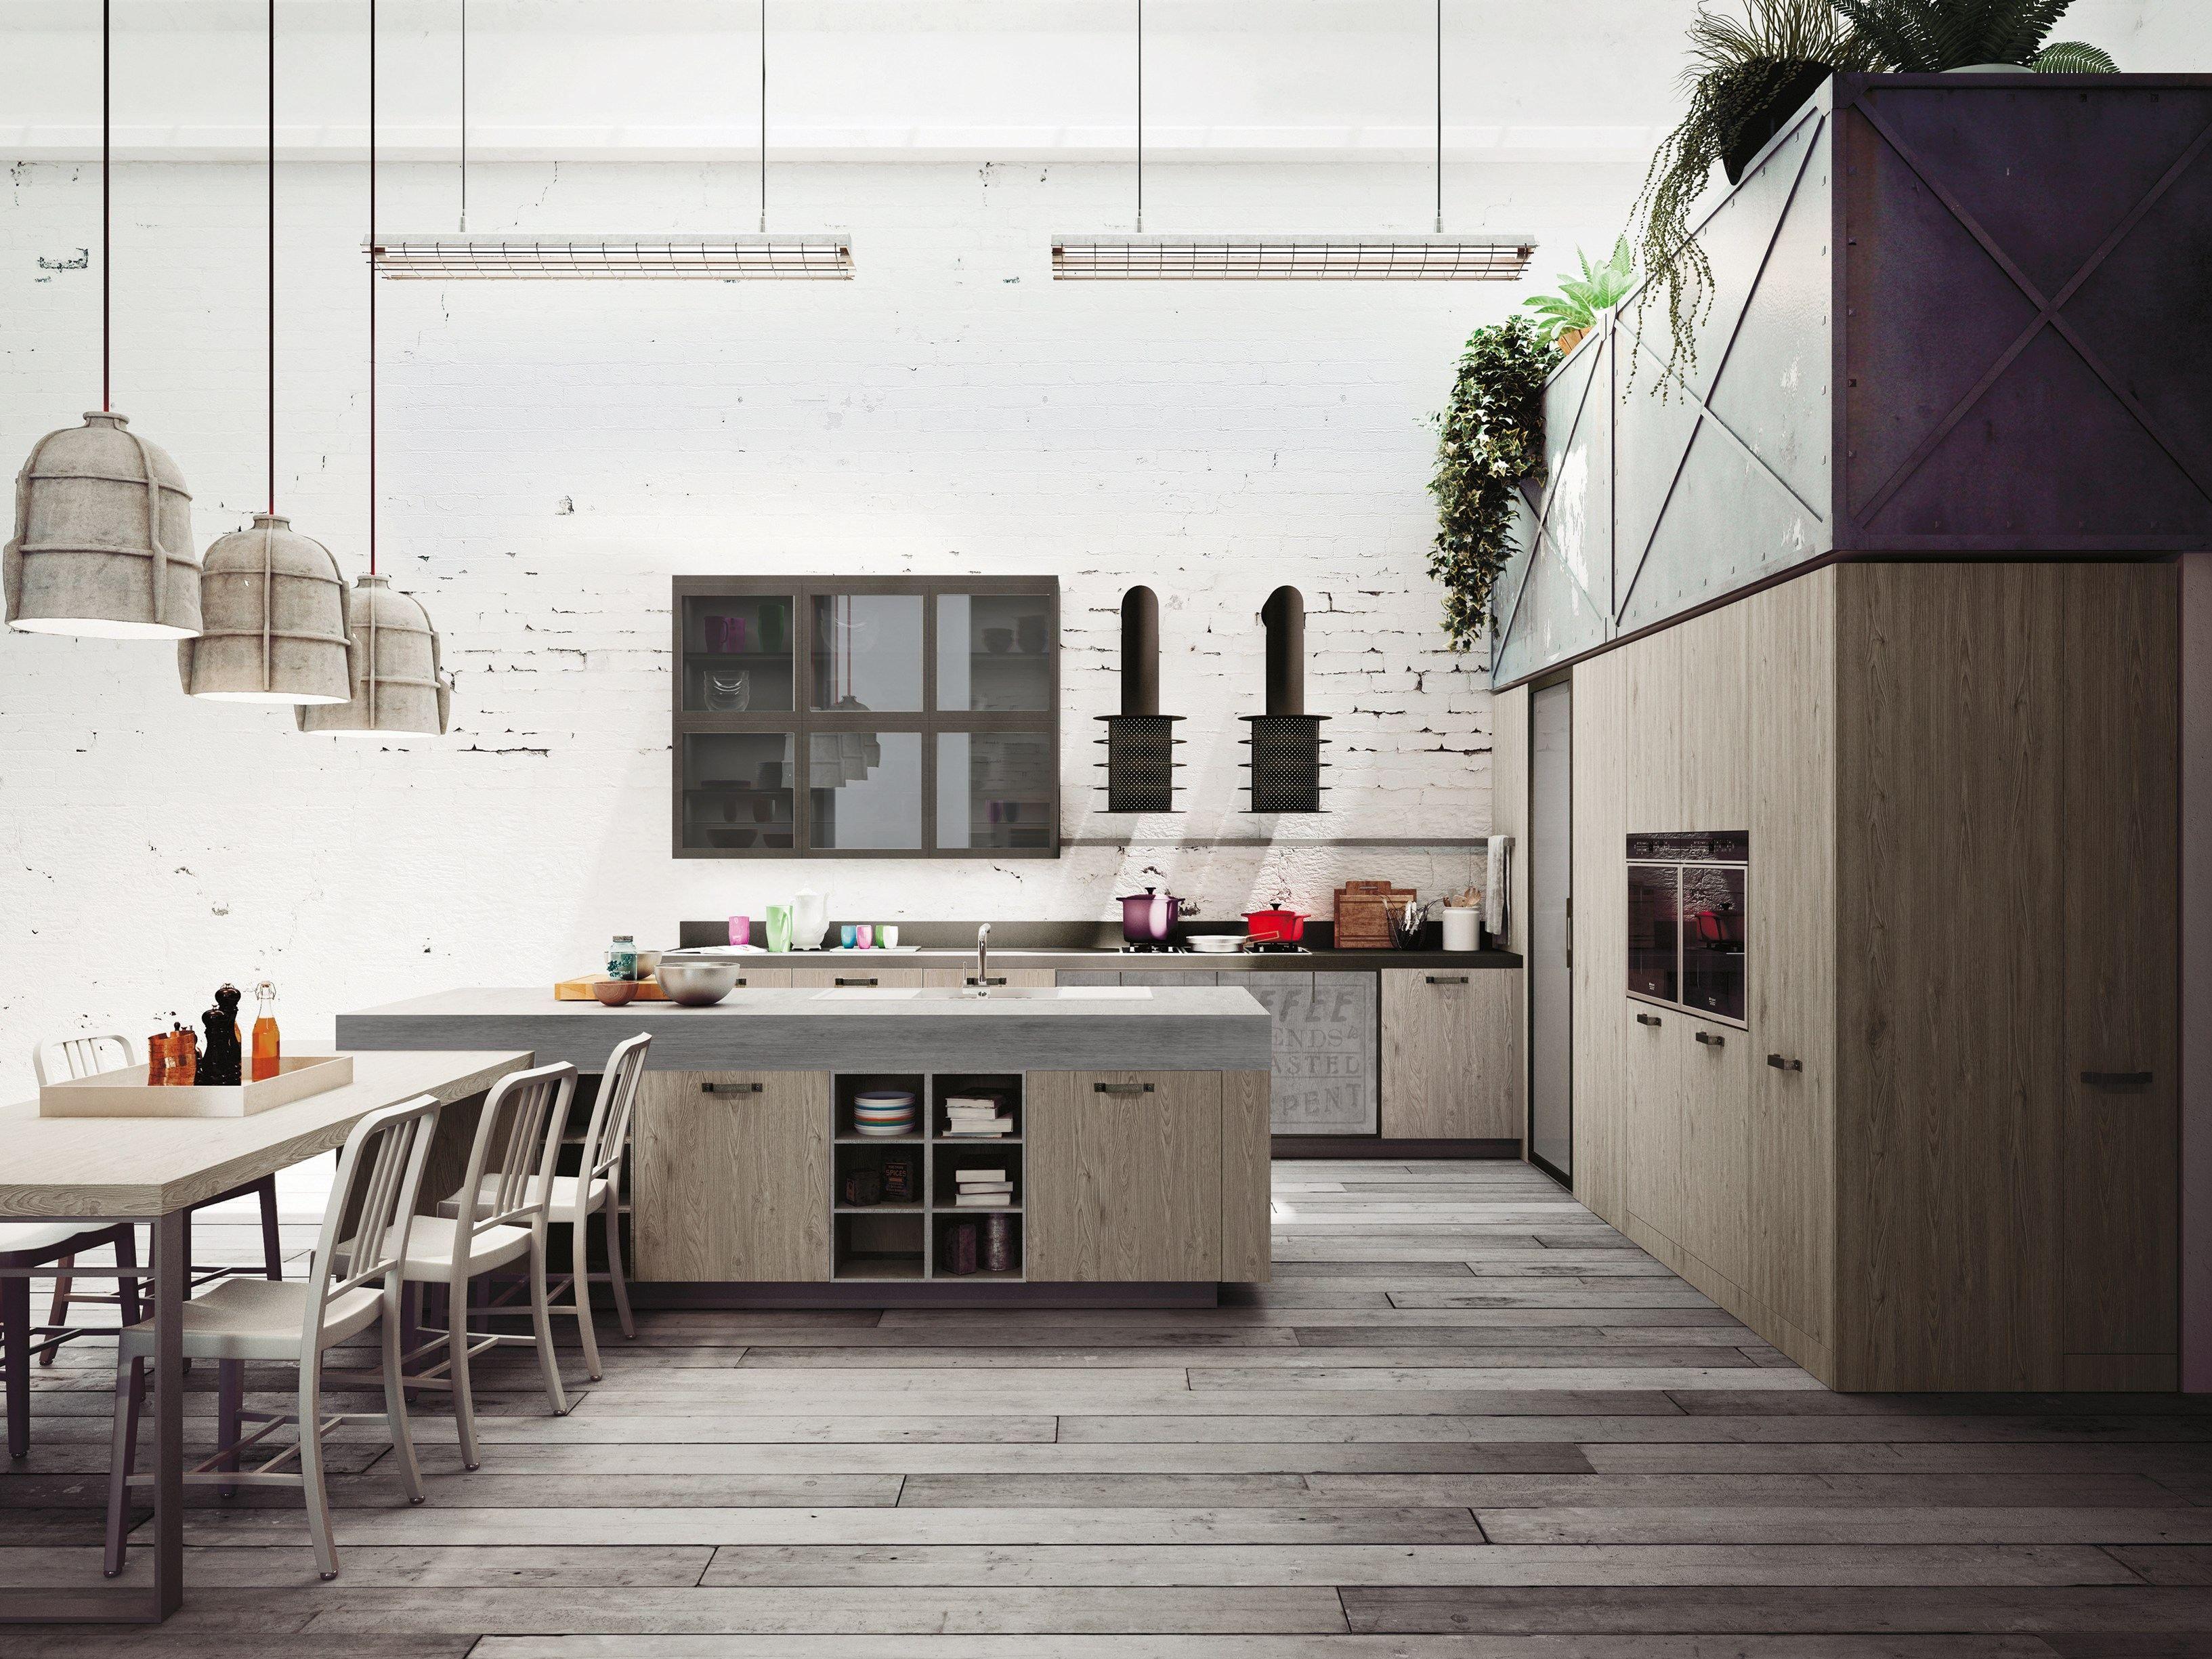 Loft Kitchen Loft Kitchen With Island Sistema Collection By Snaidero Design